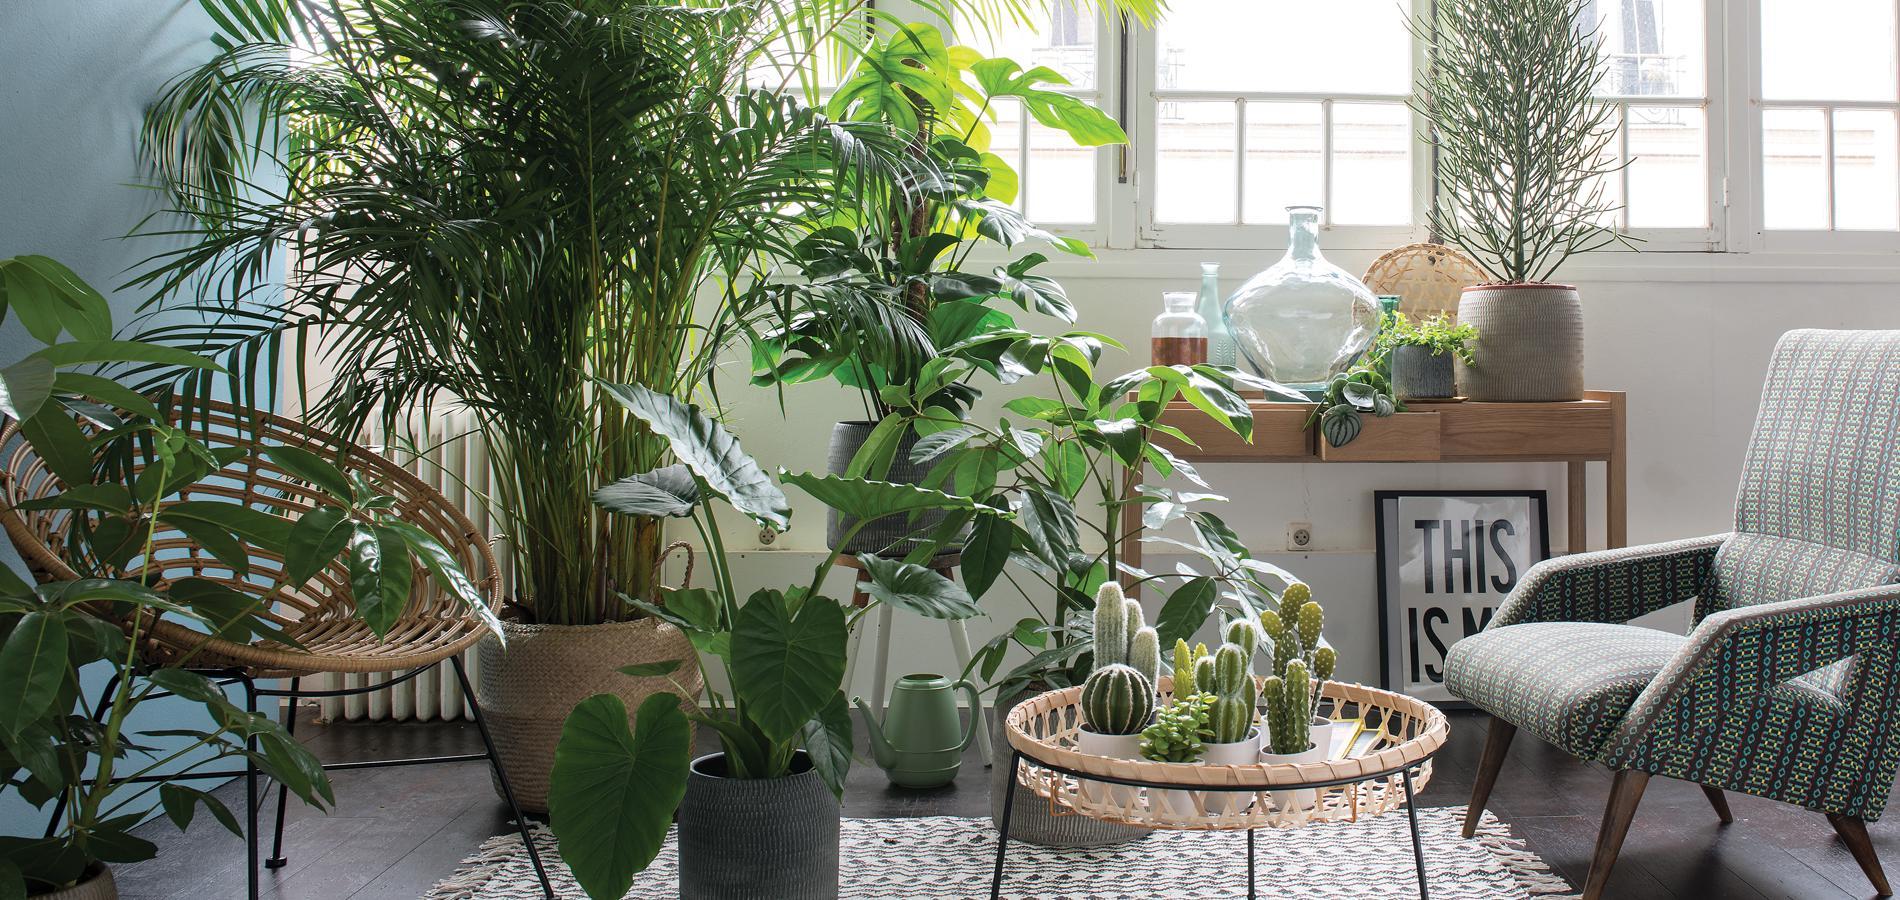 Plantes intérieures - Jardinerie Riera